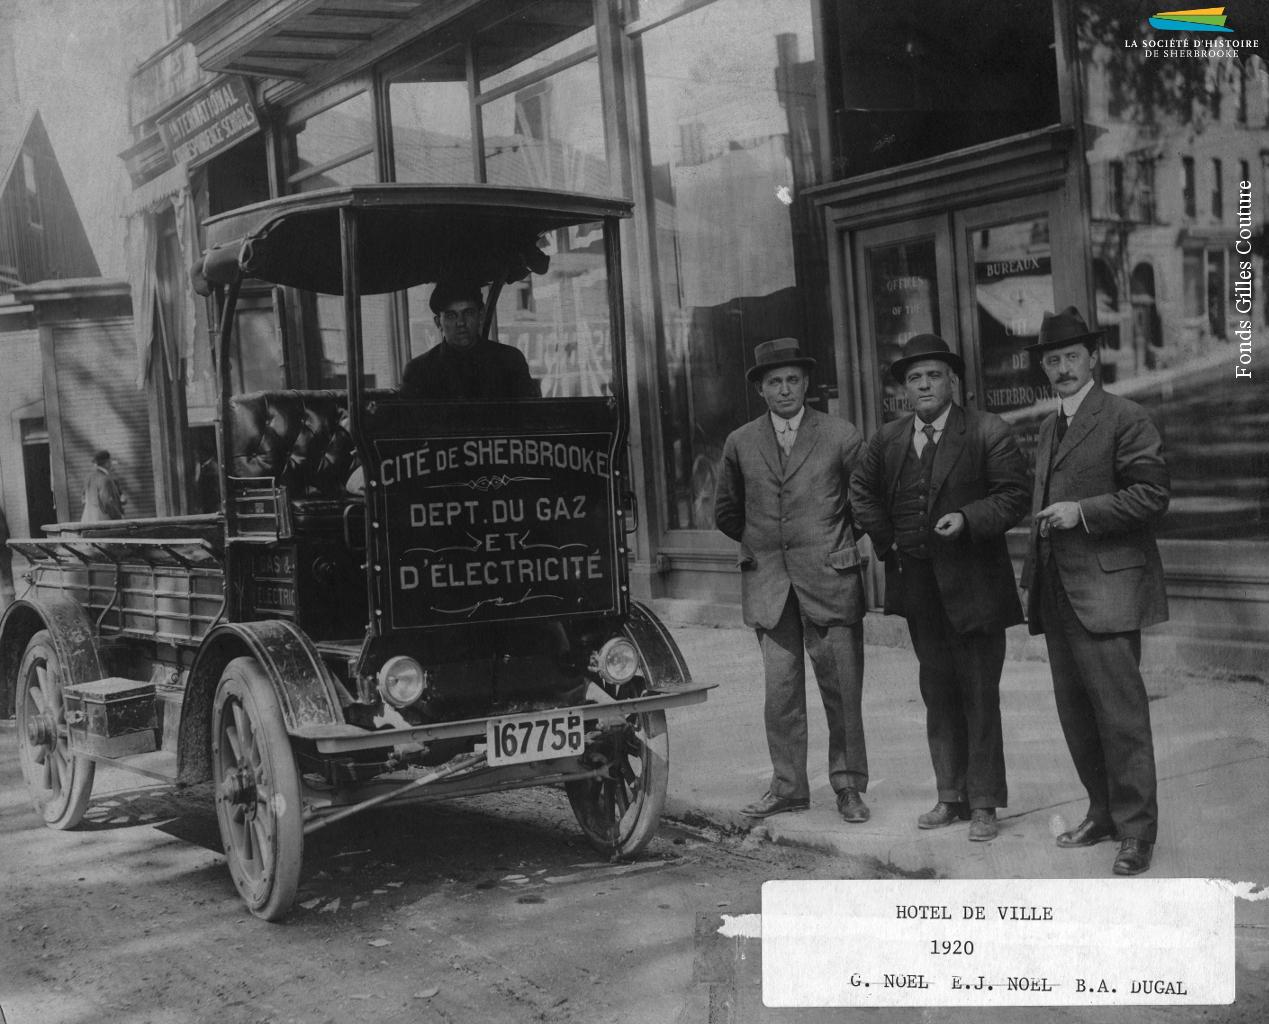 Un camion électrique Andover, du Département du gaz et de l'électricité de Sherbrooke, vers 1914. Le Département est créé à la suite d'un référendum en faveur de la municipalisation de l'électricité en 1908 et devient Hydro-Sherbrooke dans les années 1960. Avant 1908, c'est une entreprise privée qui a le monopole de la production et de la distribution d'électricité.